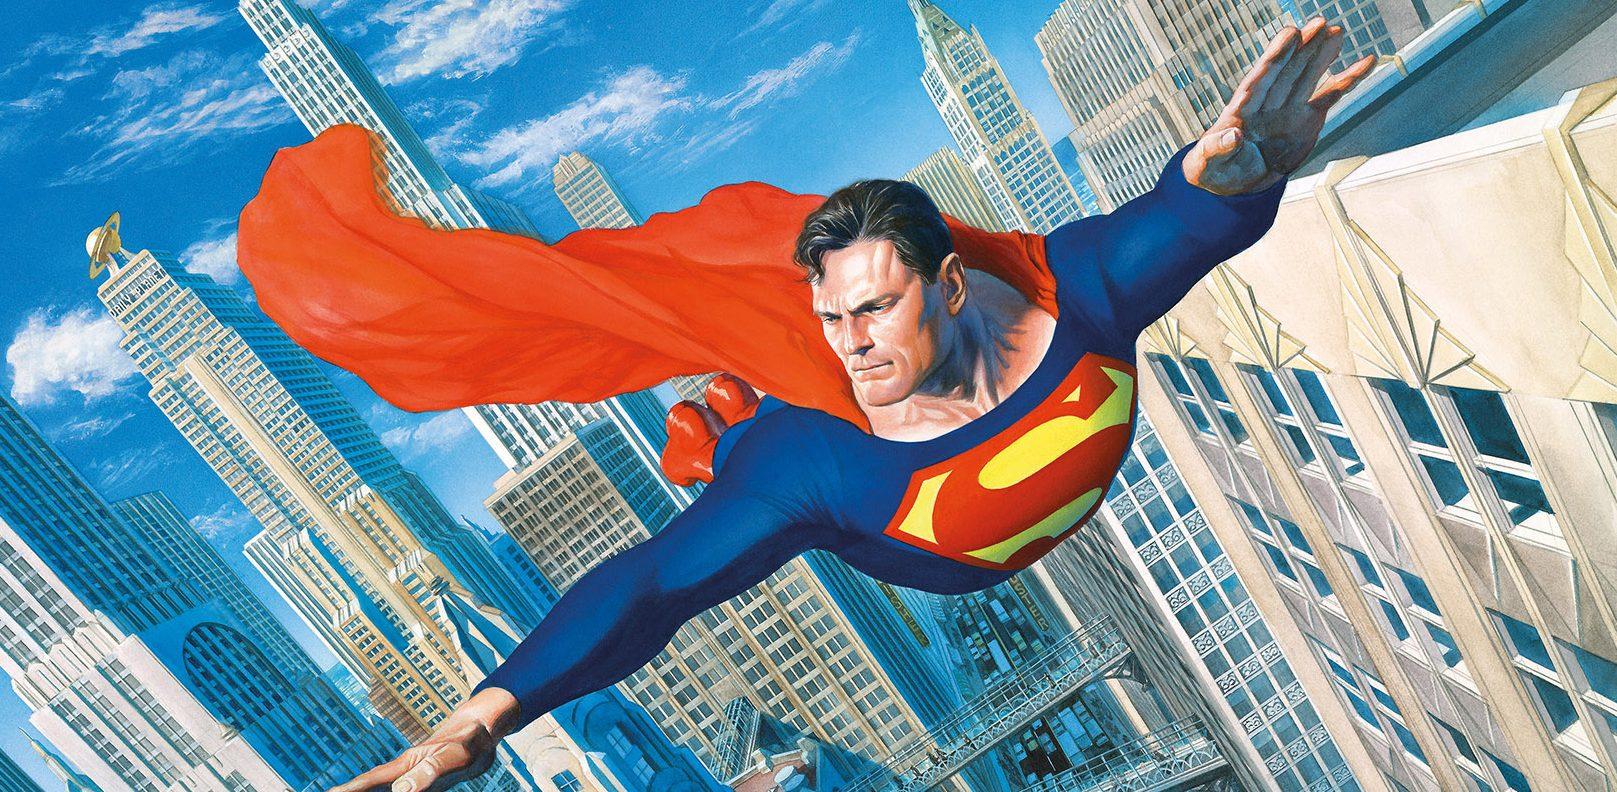 Tem Na Web - Superman - Rocksteady nega informação de que está trabalhando em jogo do herói